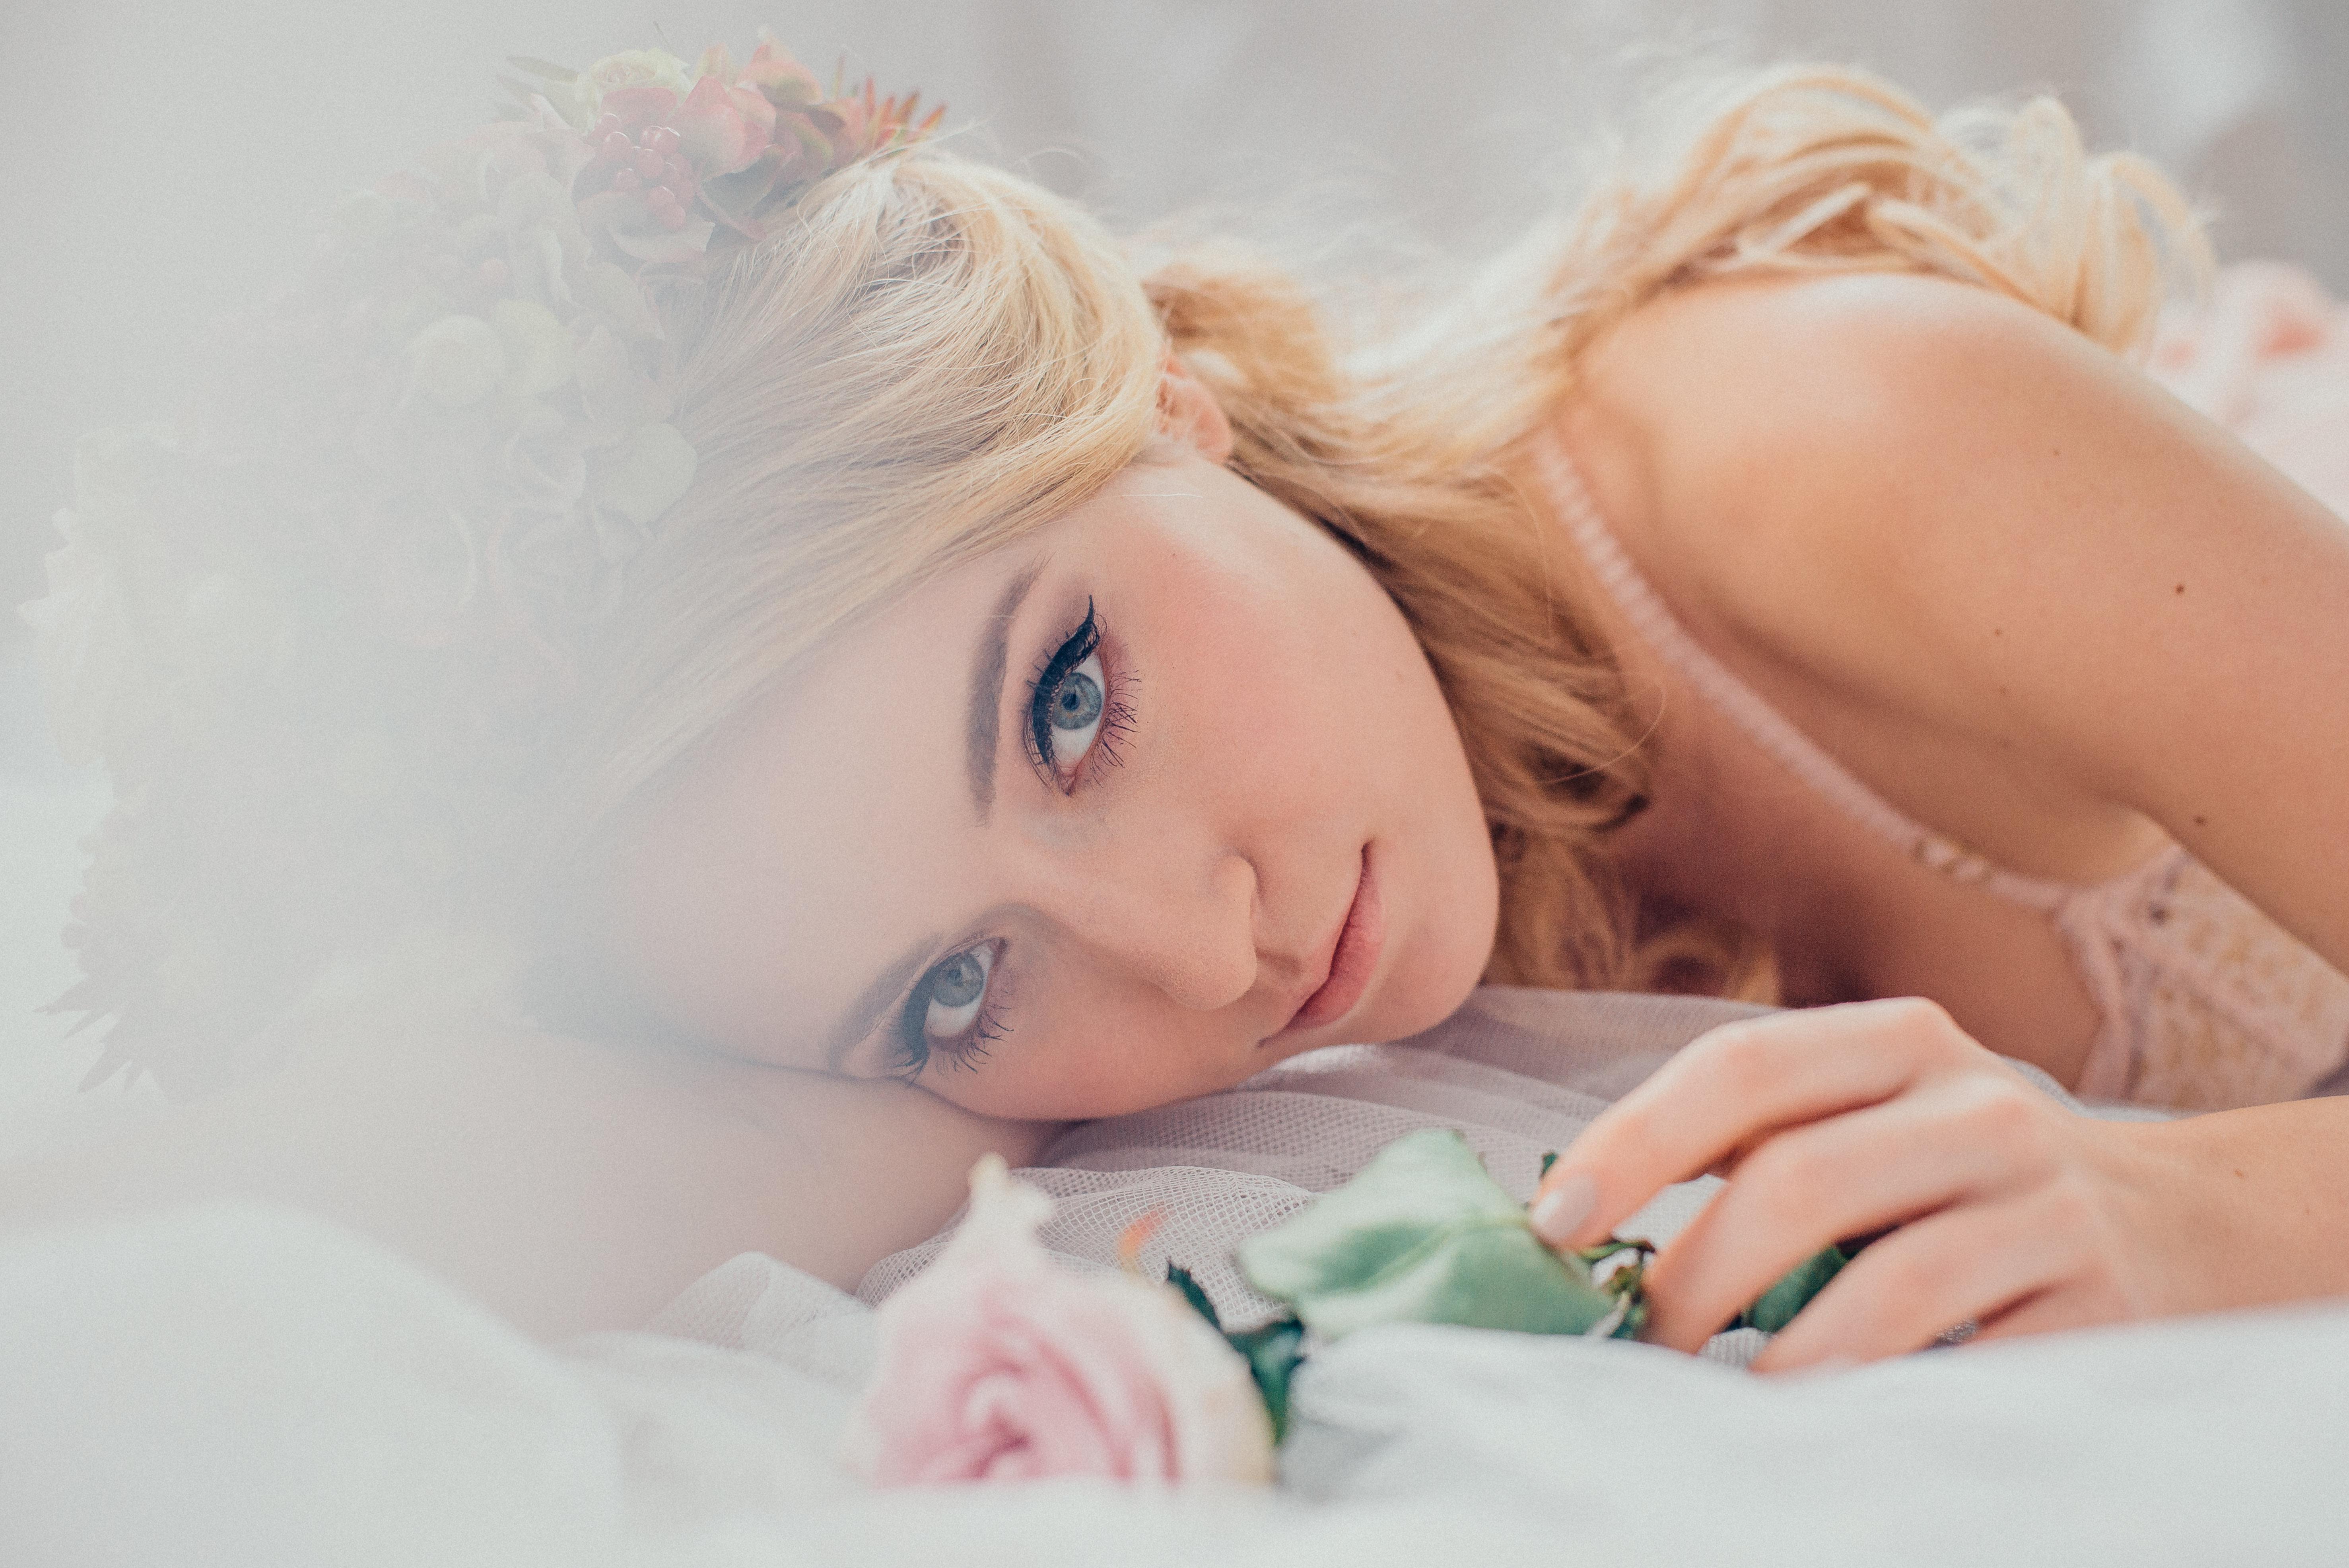 kleinstadtcarrie_valentine_julie_schoenewolf_fotografie-135